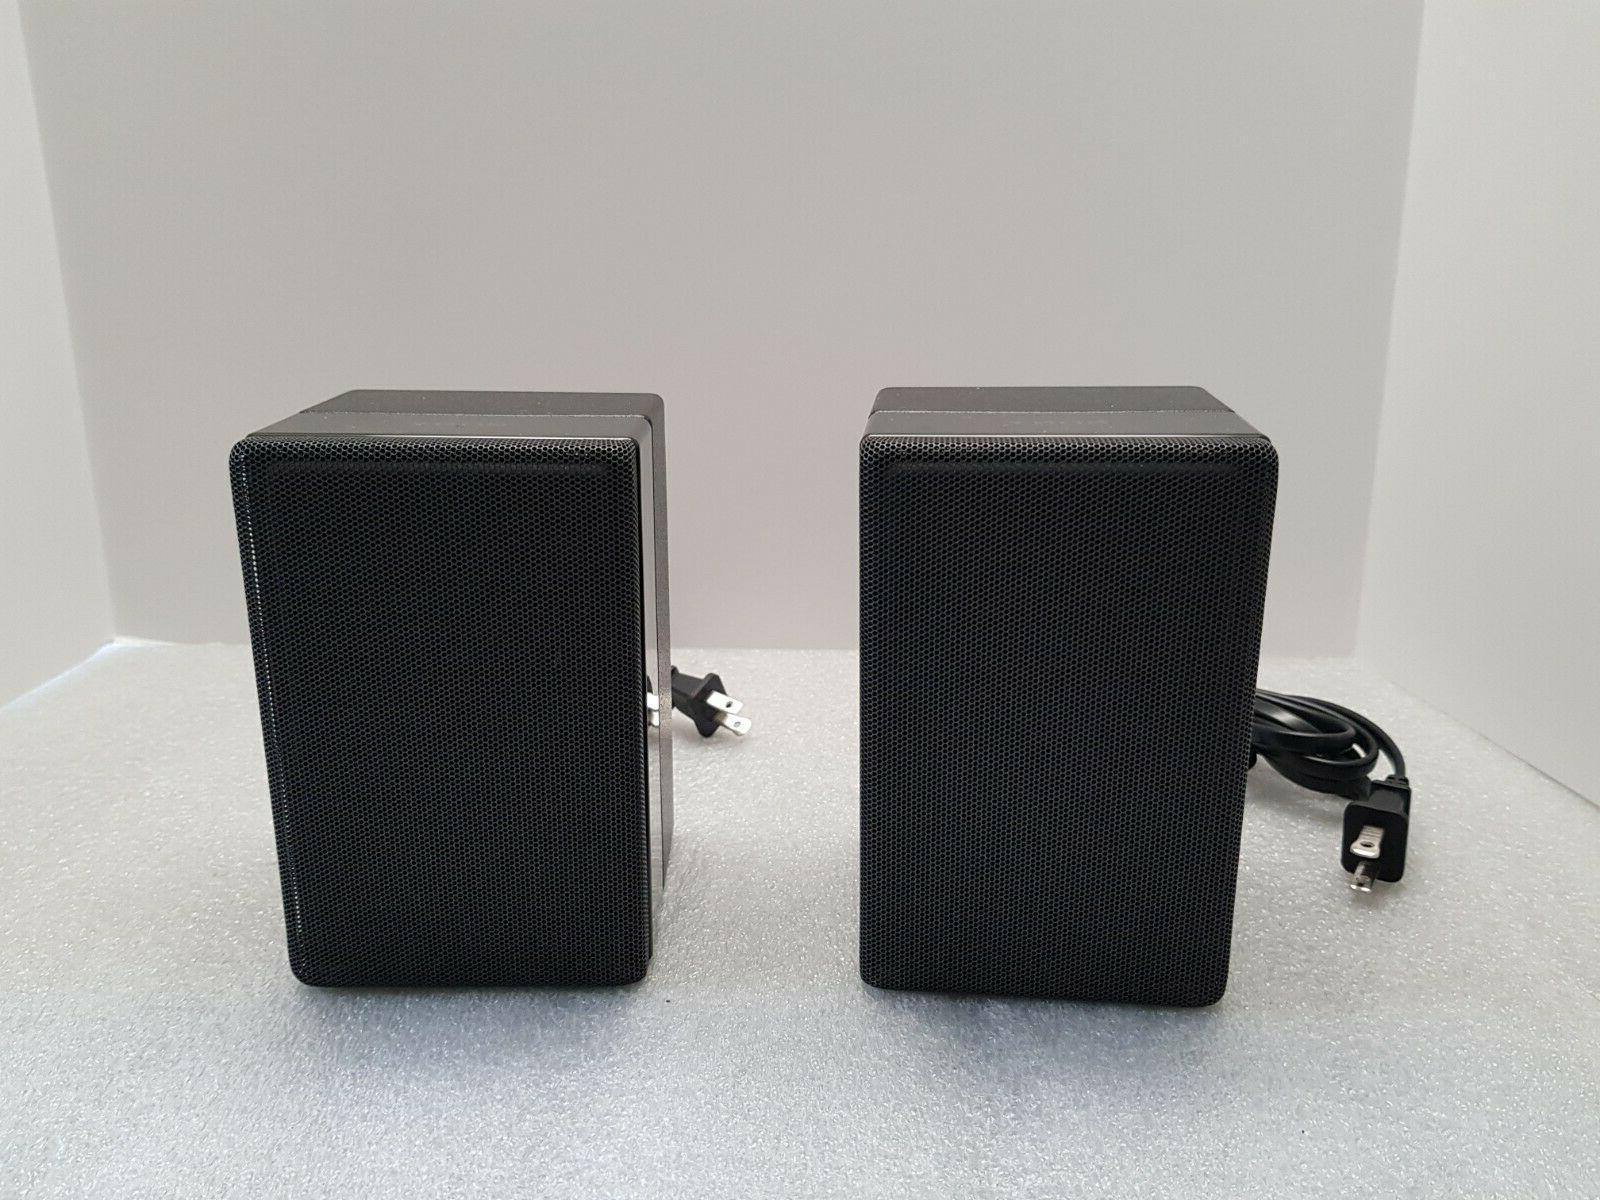 z9r wireless speaker